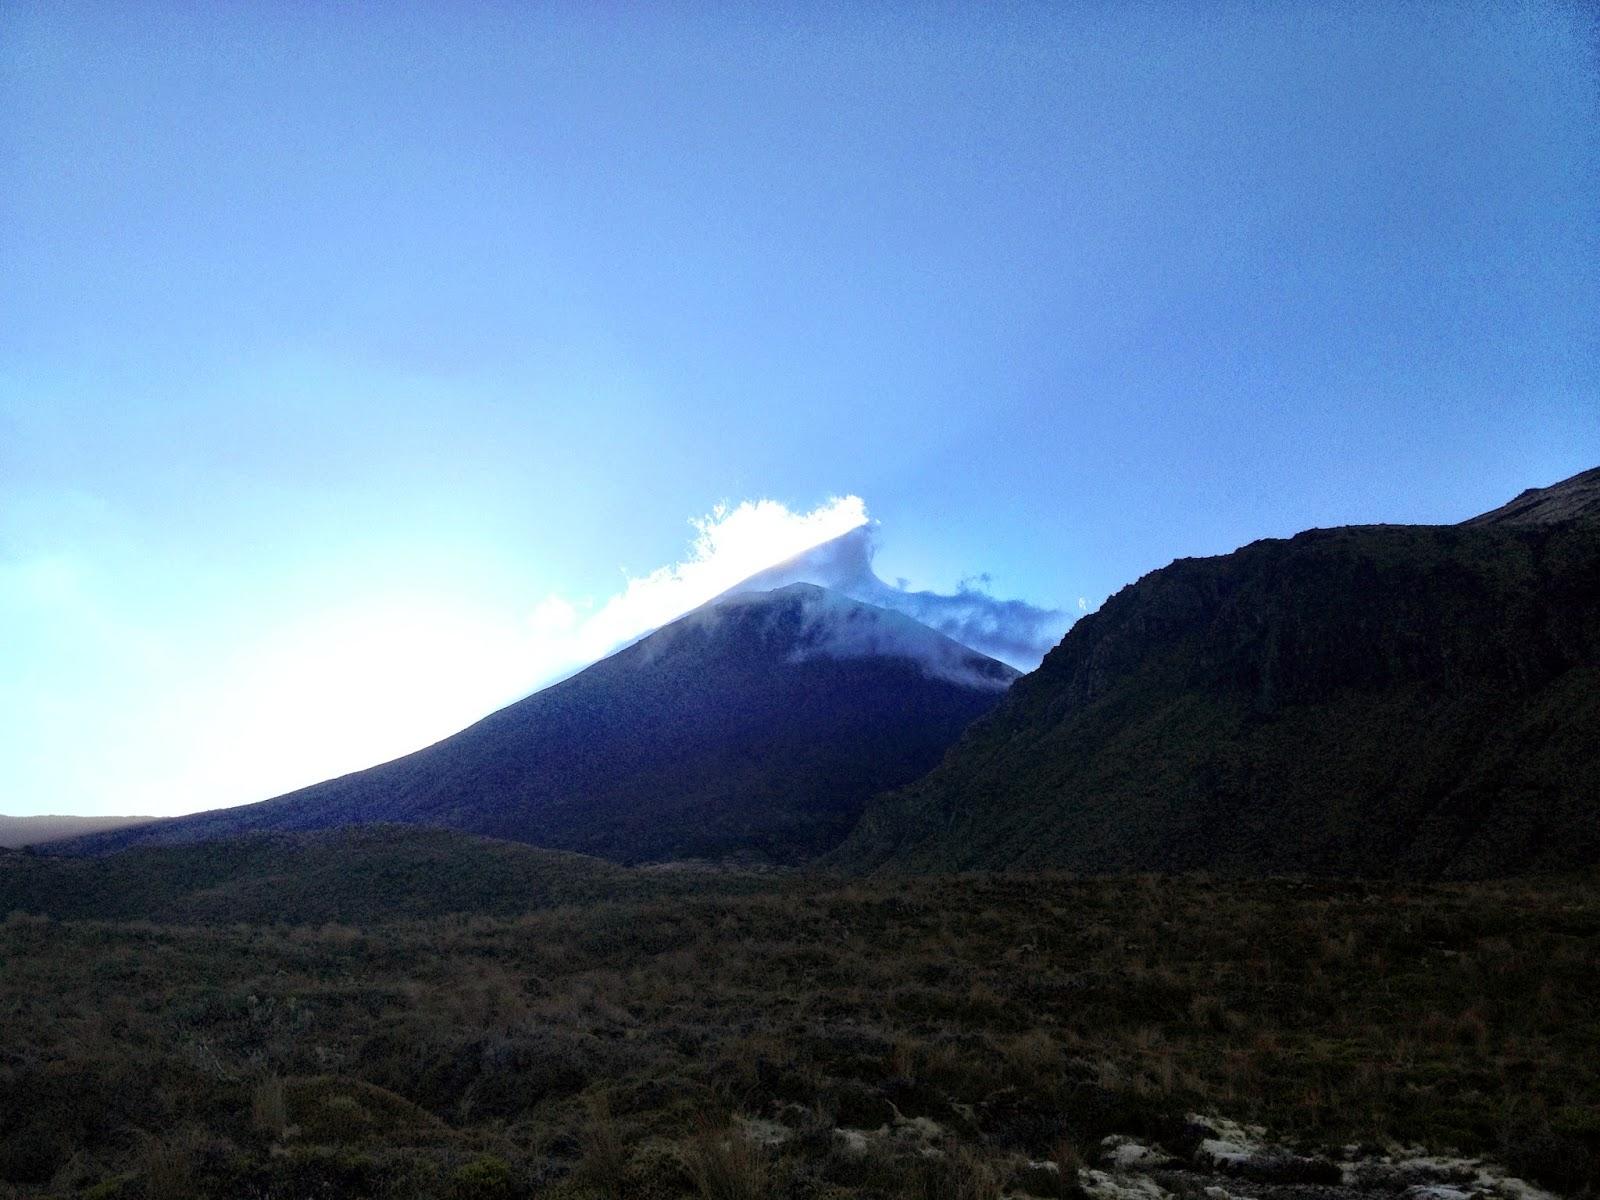 Sunrise next to Mount Ngauruhoe, Tongariro National Park, New Zealand